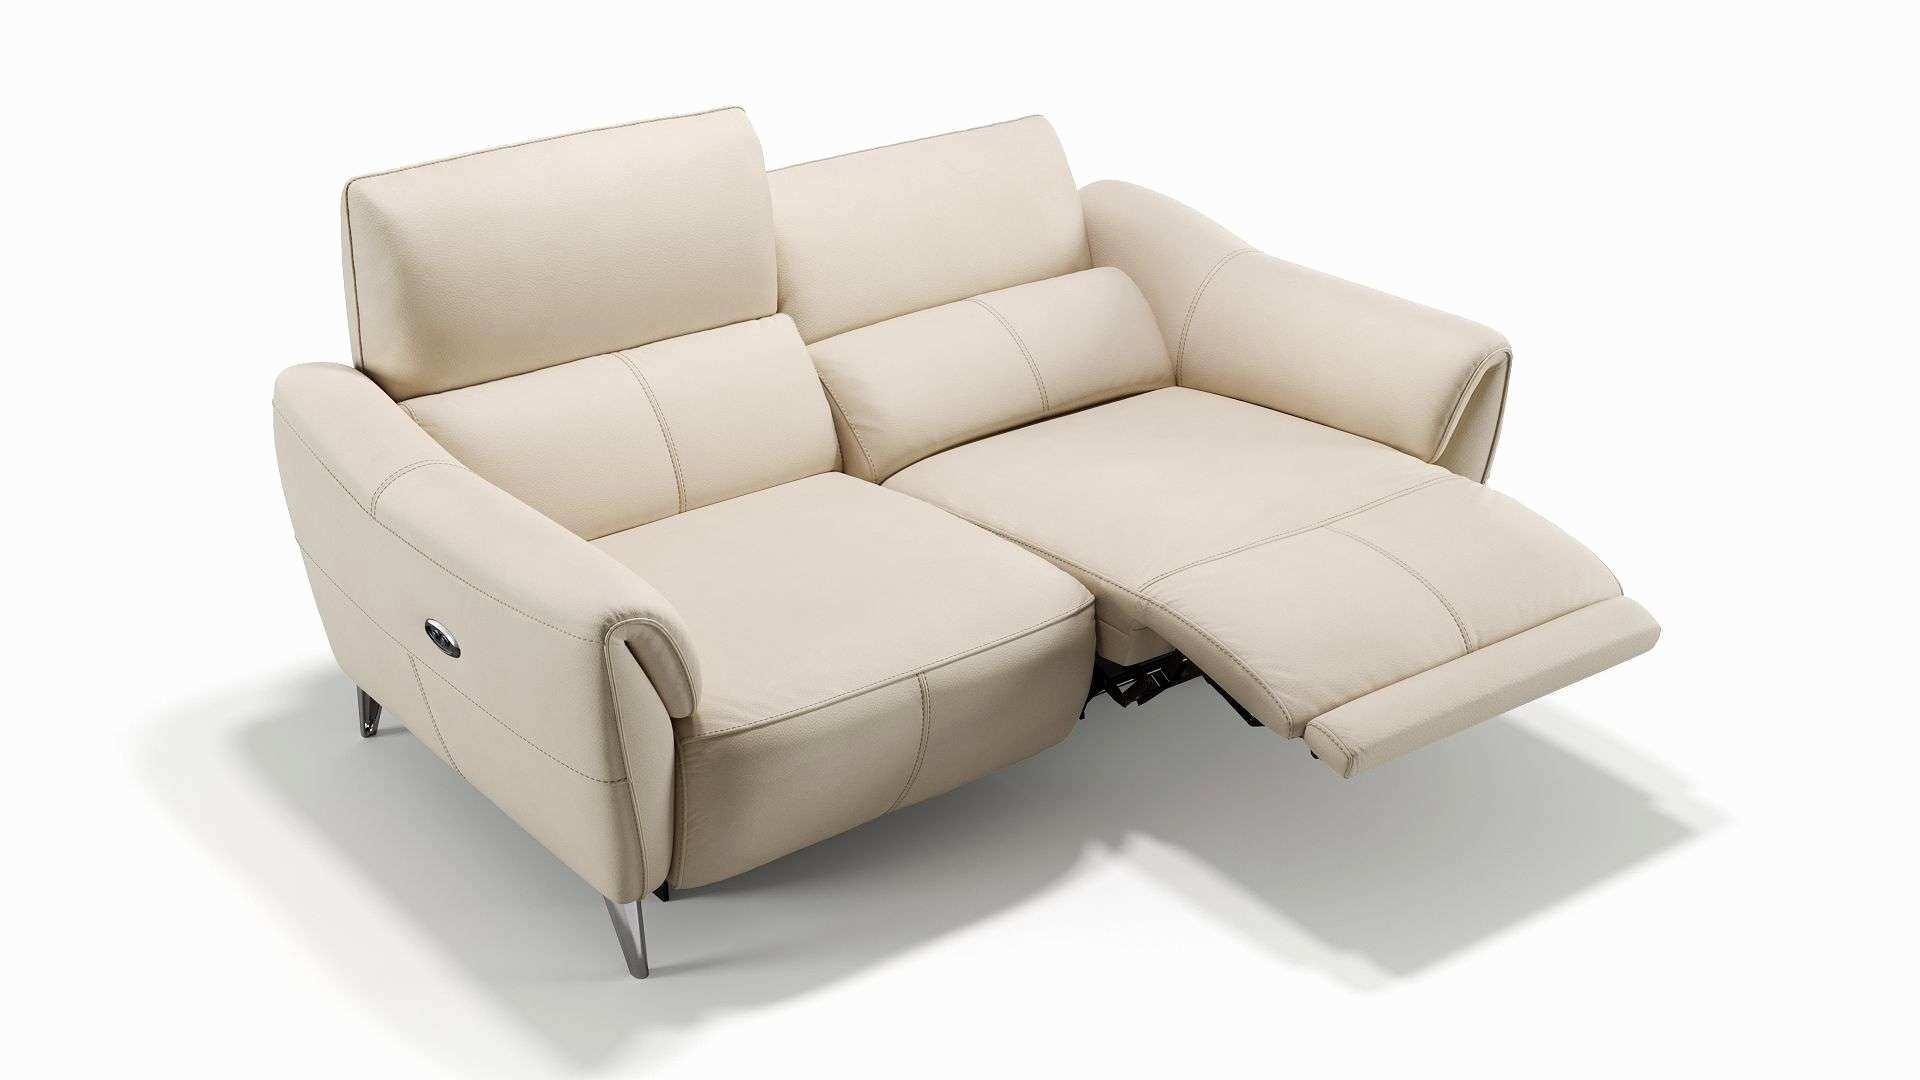 Full Size of Zweisitzer Sofa Mit Relaxfunktion Frisch 20 Unique Low Profile Elektrischer Sitztiefenverstellung Elektrische Fußbodenheizung Bad Elektrisch Wohnzimmer Relaxsofa Elektrisch